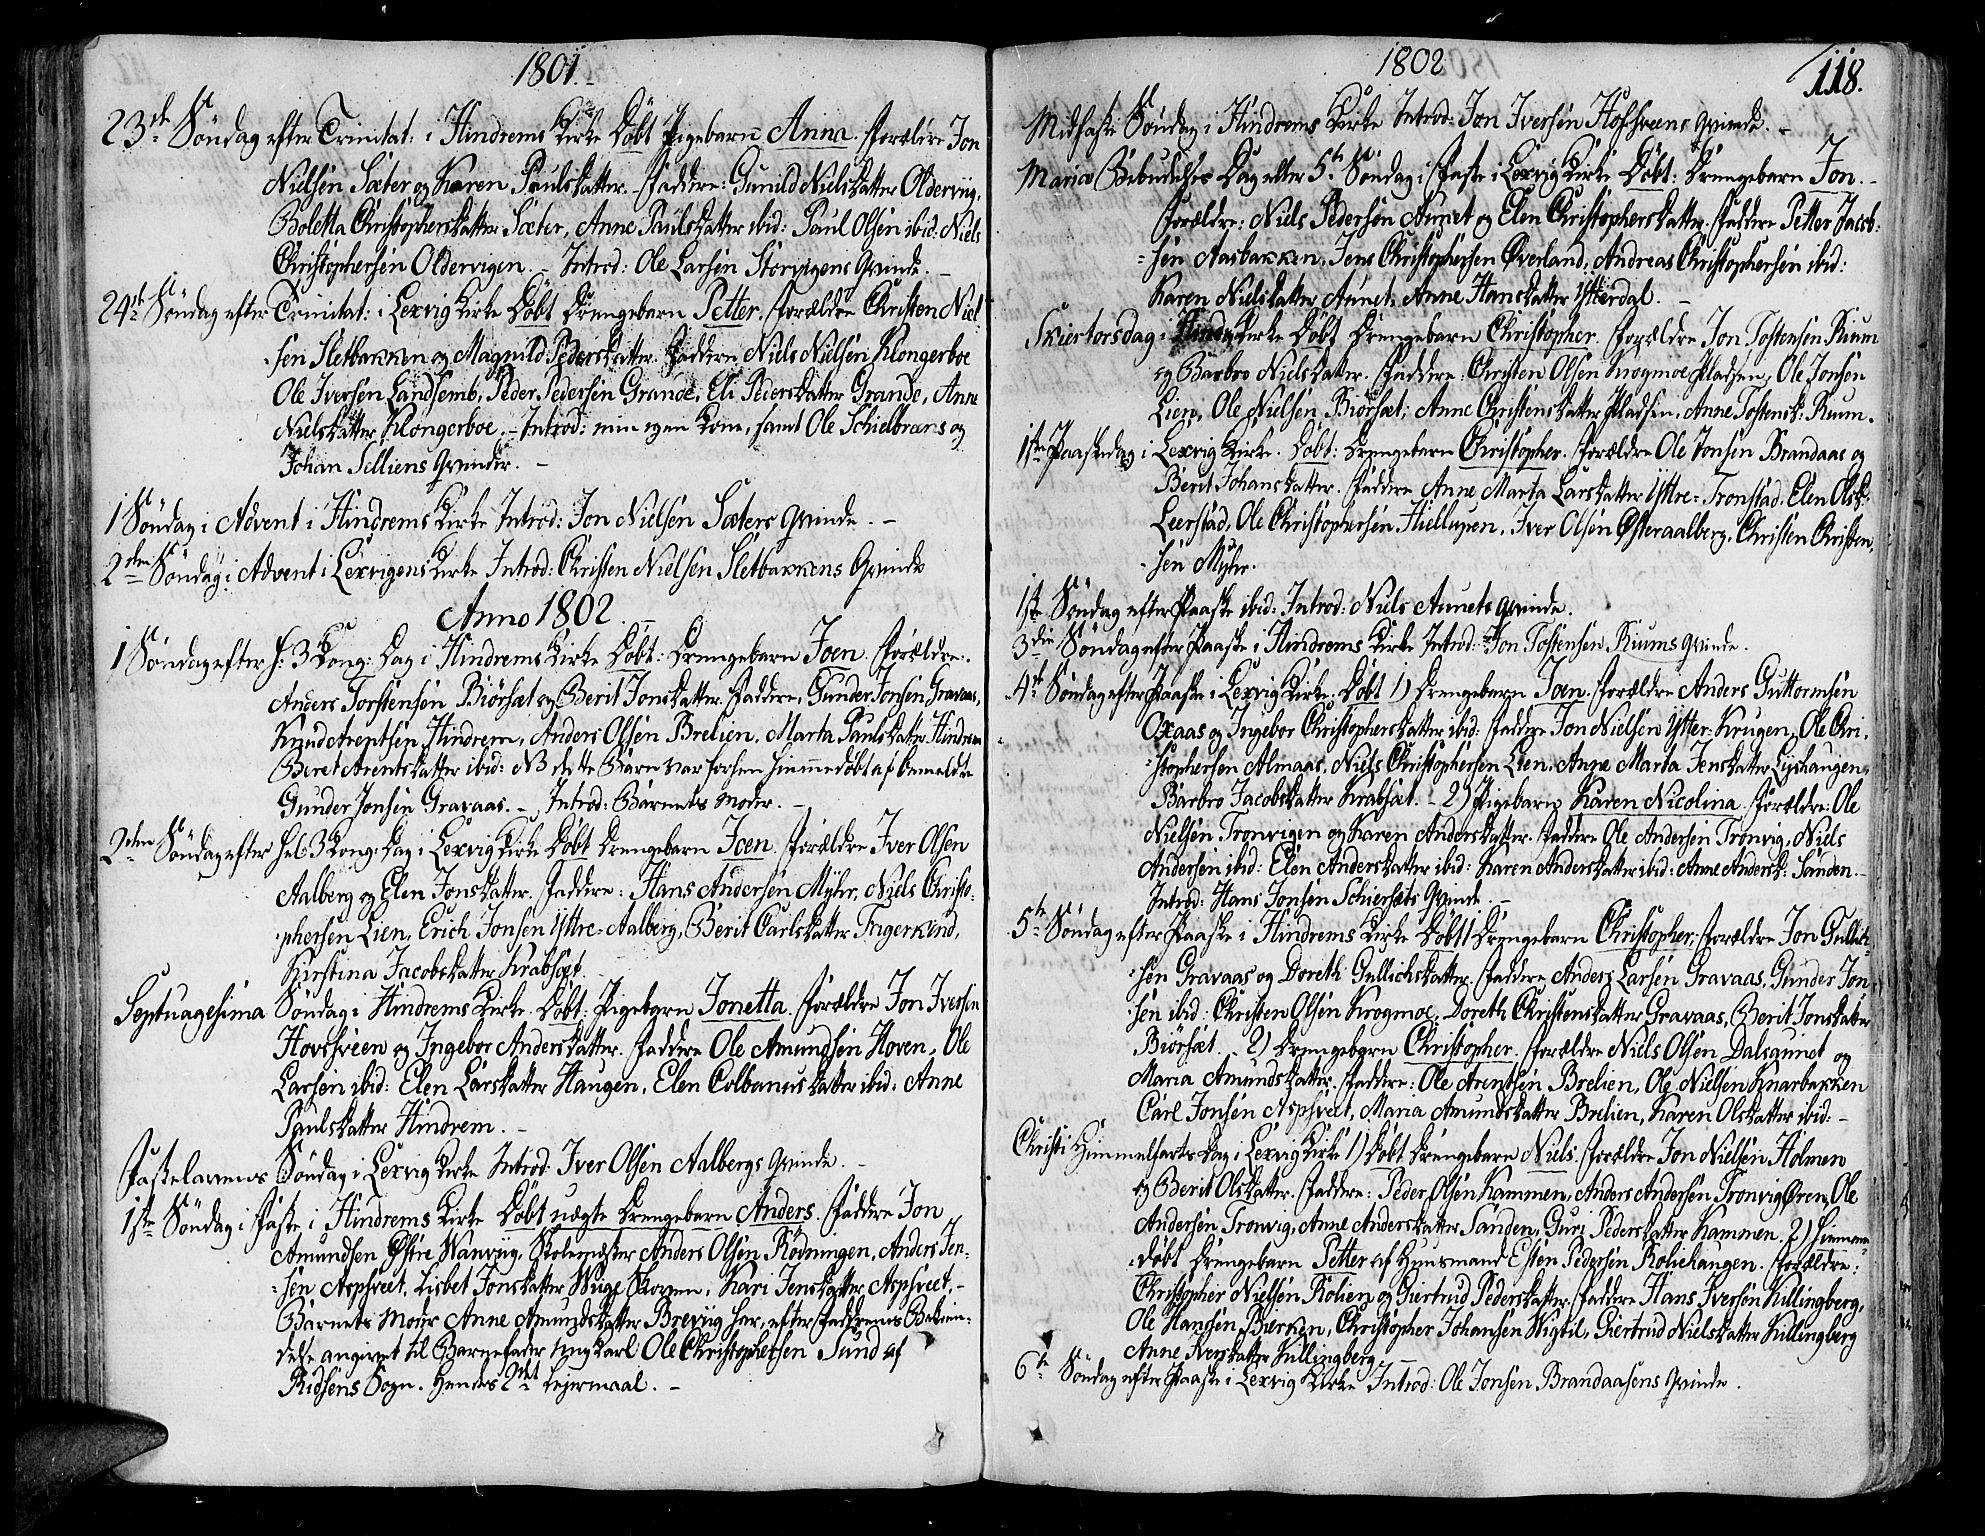 SAT, Ministerialprotokoller, klokkerbøker og fødselsregistre - Nord-Trøndelag, 701/L0004: Ministerialbok nr. 701A04, 1783-1816, s. 118